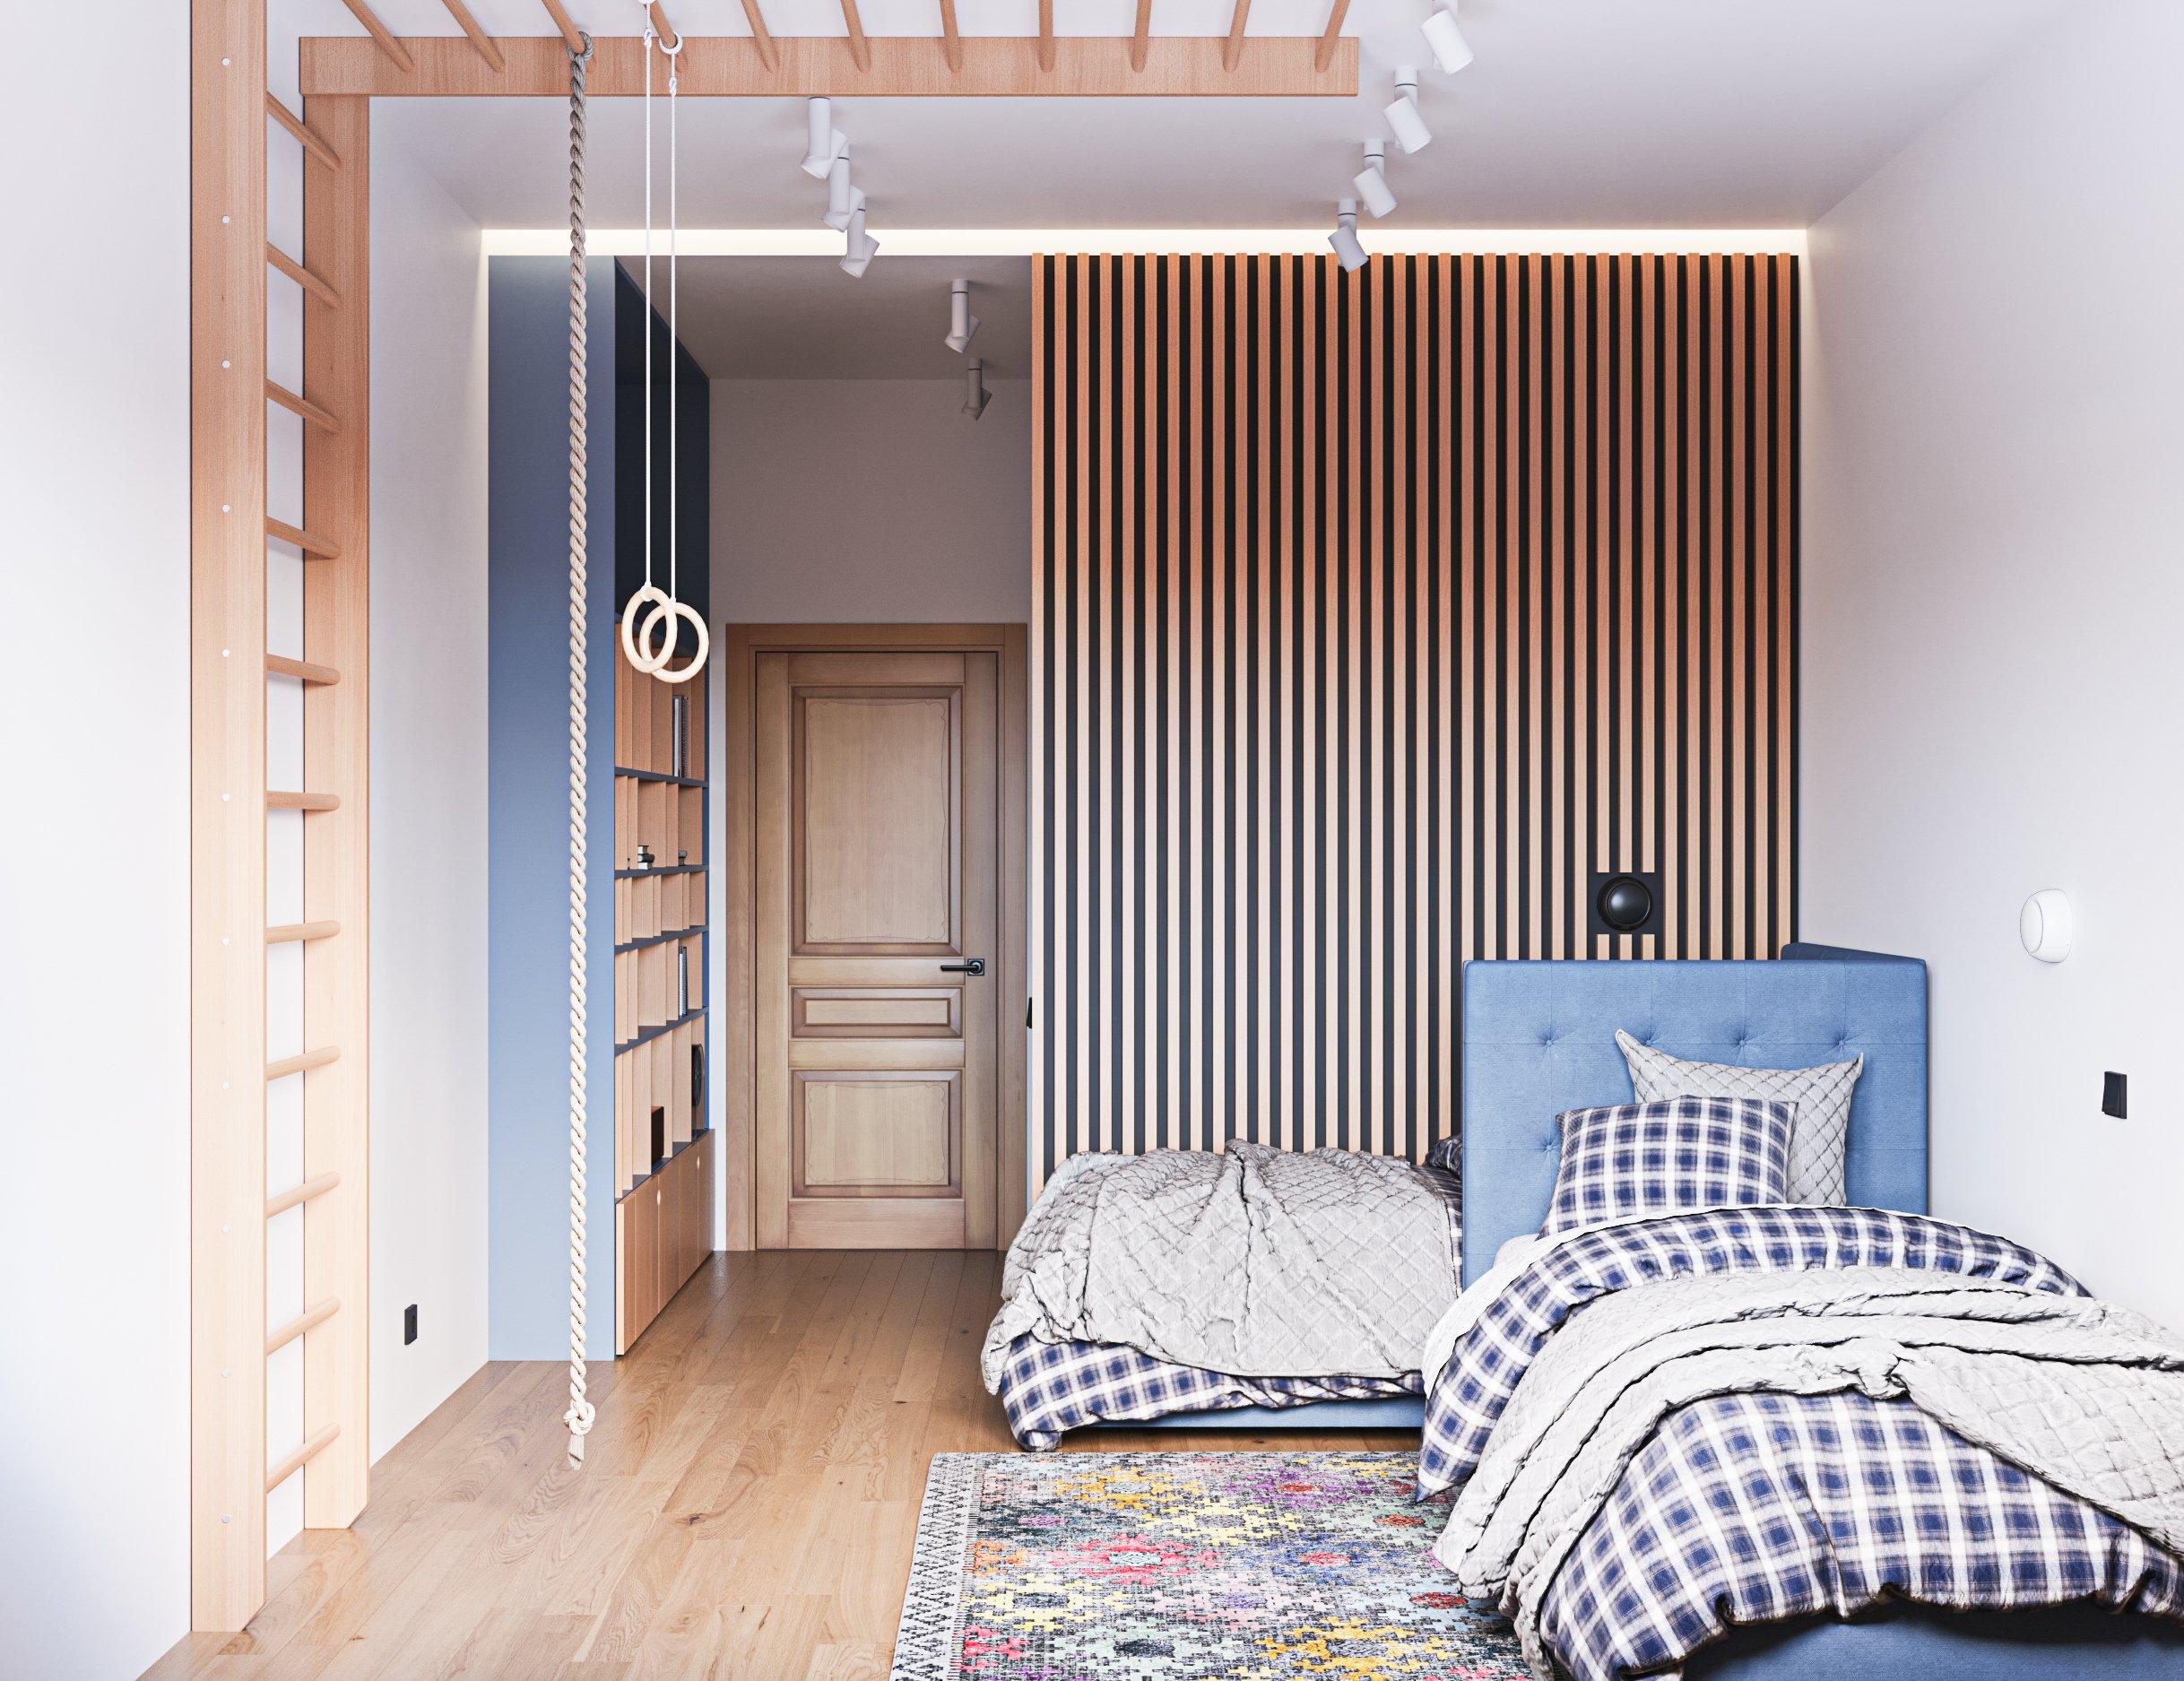 Авторский дизайн интерьера детской комнаты